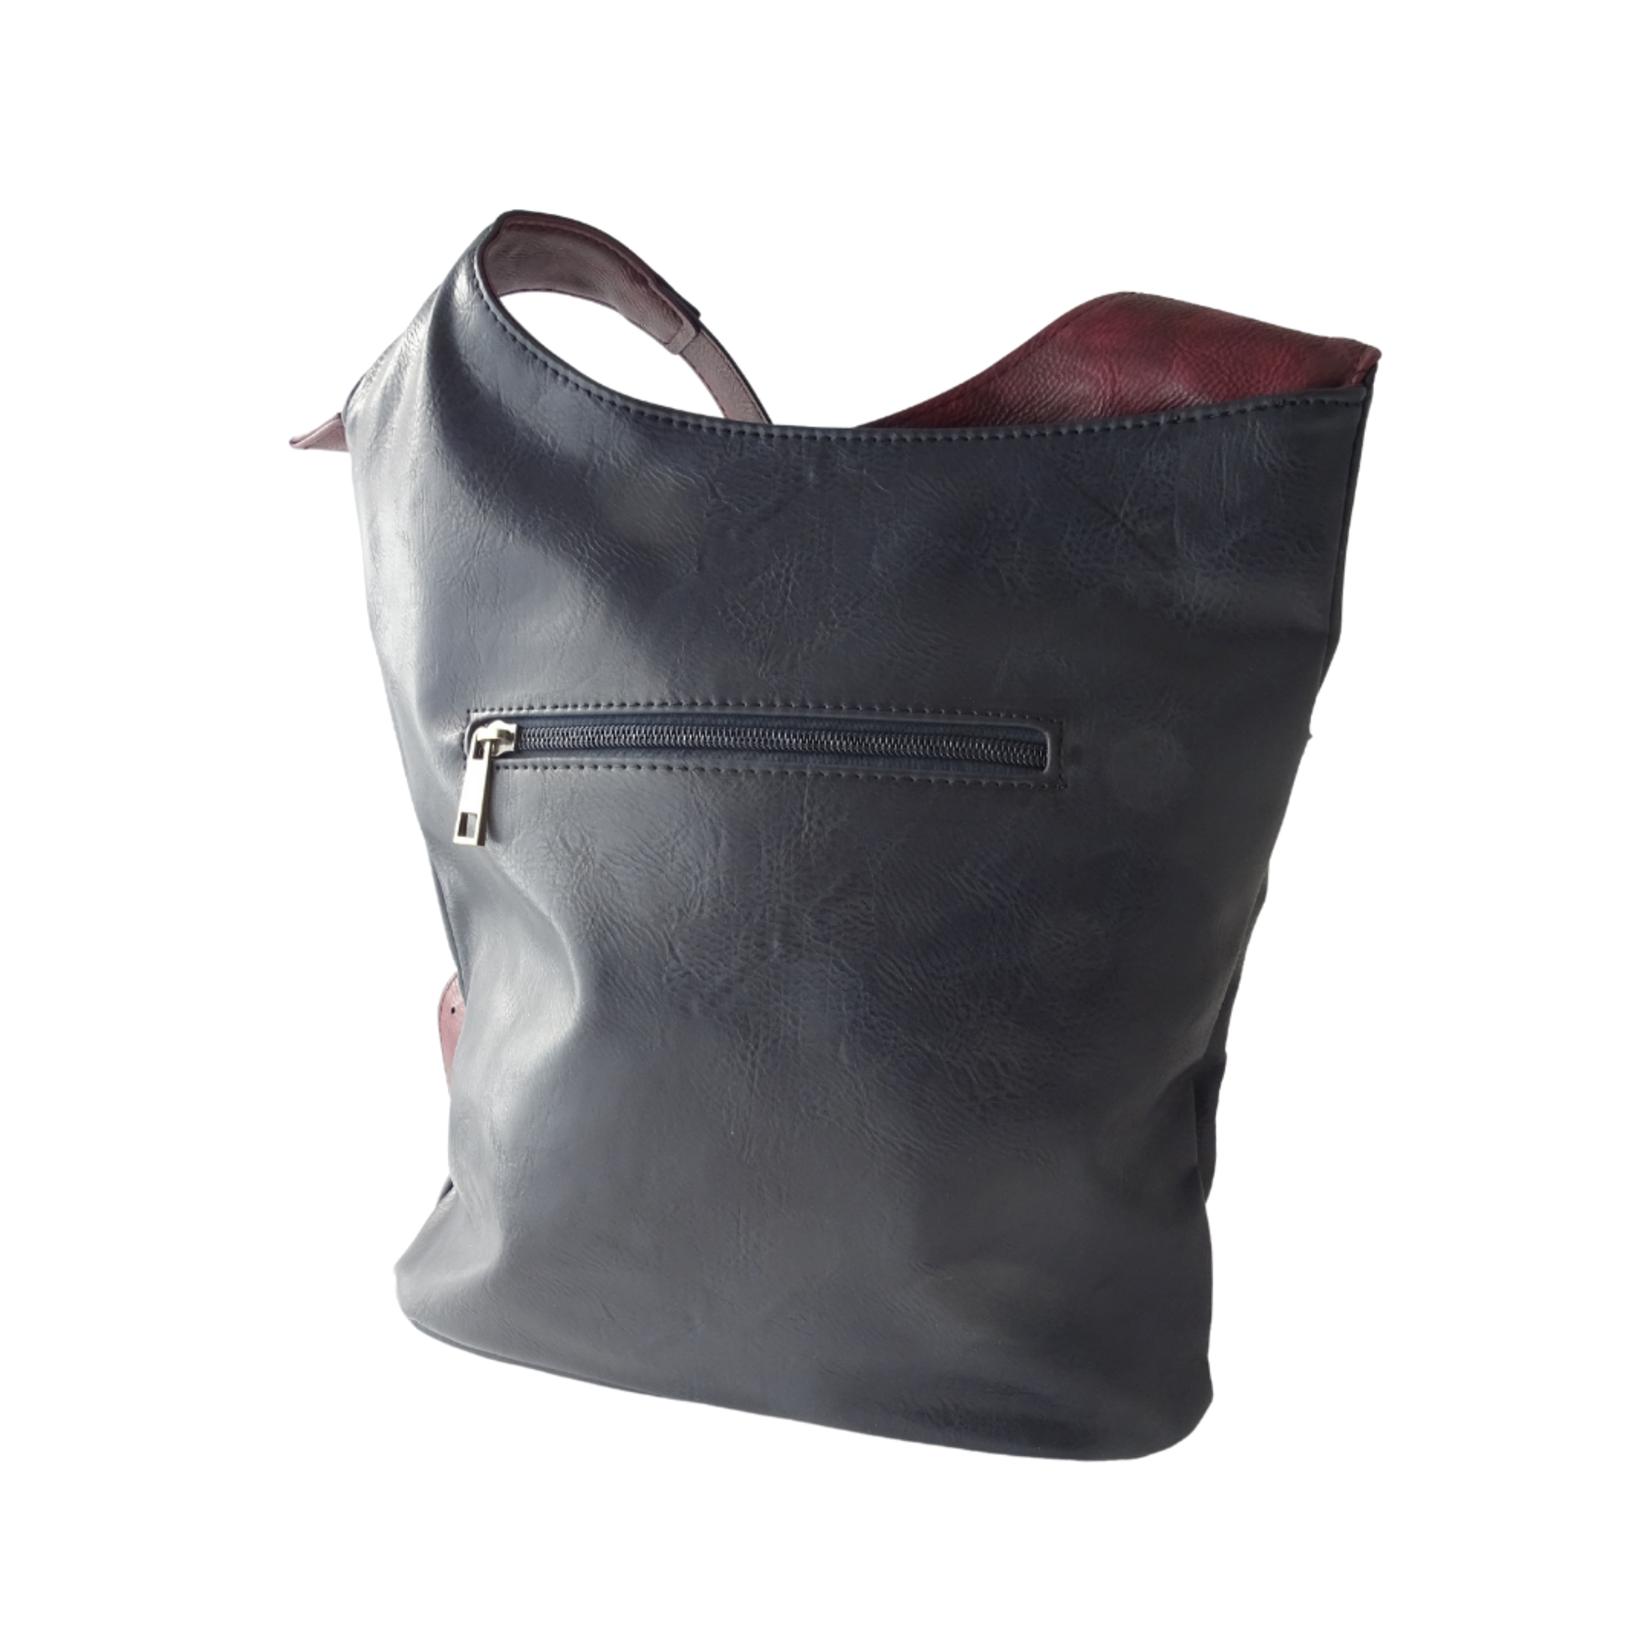 Rieker Rieker crossbody bag H1405-14